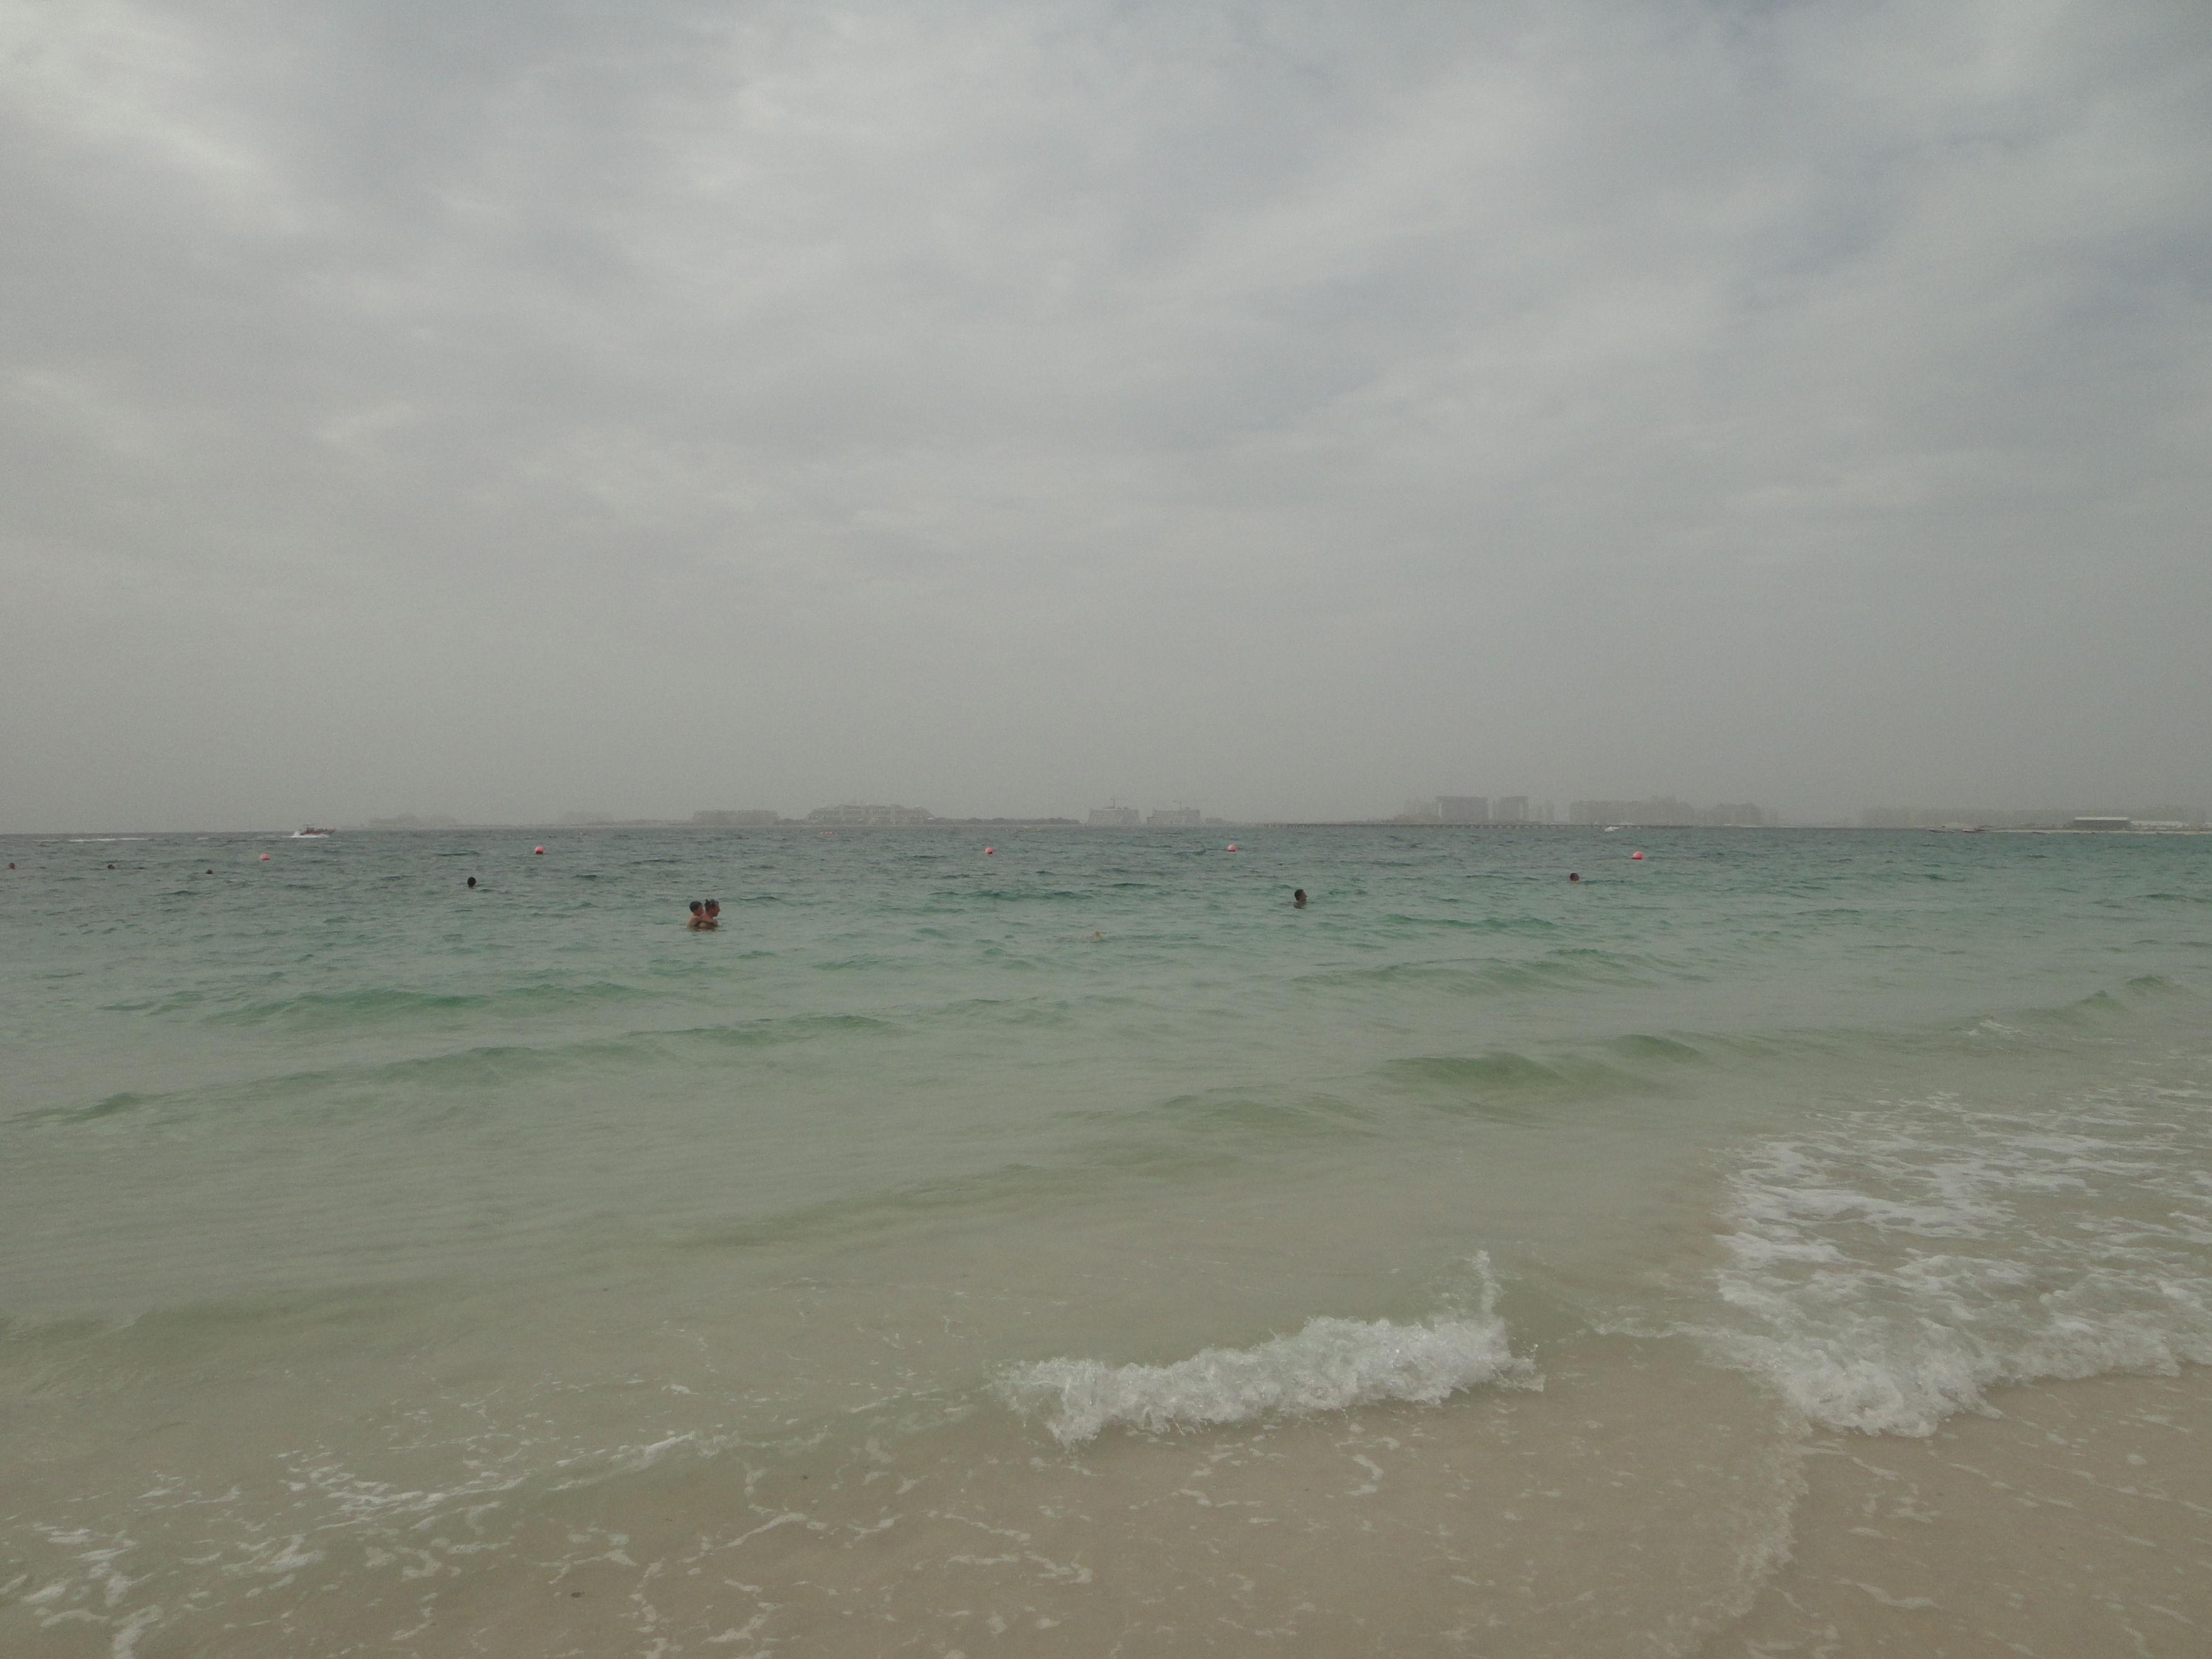 swimming in the Persian Gulf / Baden im Persischen Golf